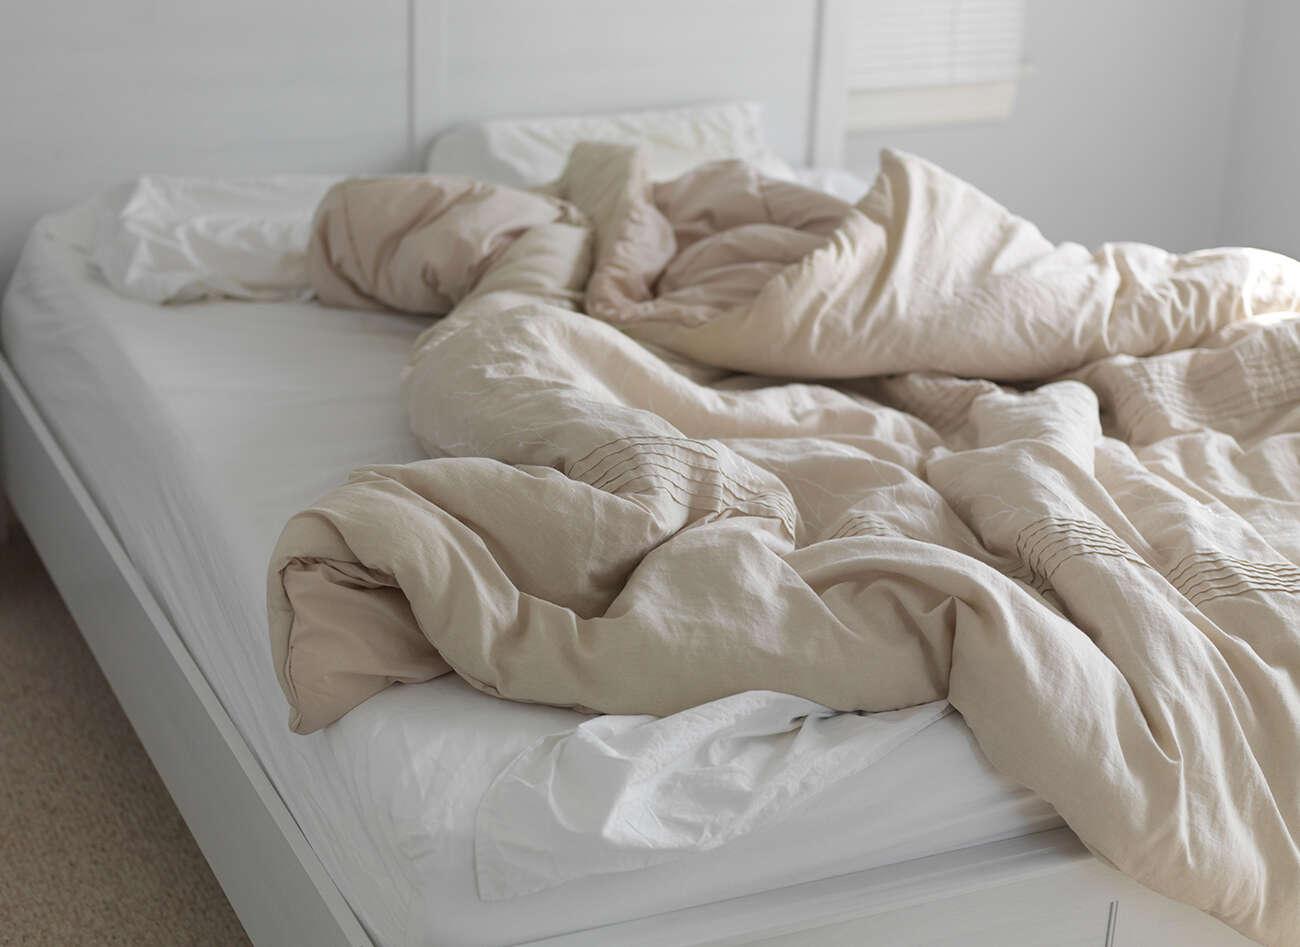 Deixar de arrumar a cama faz bem para a saúde